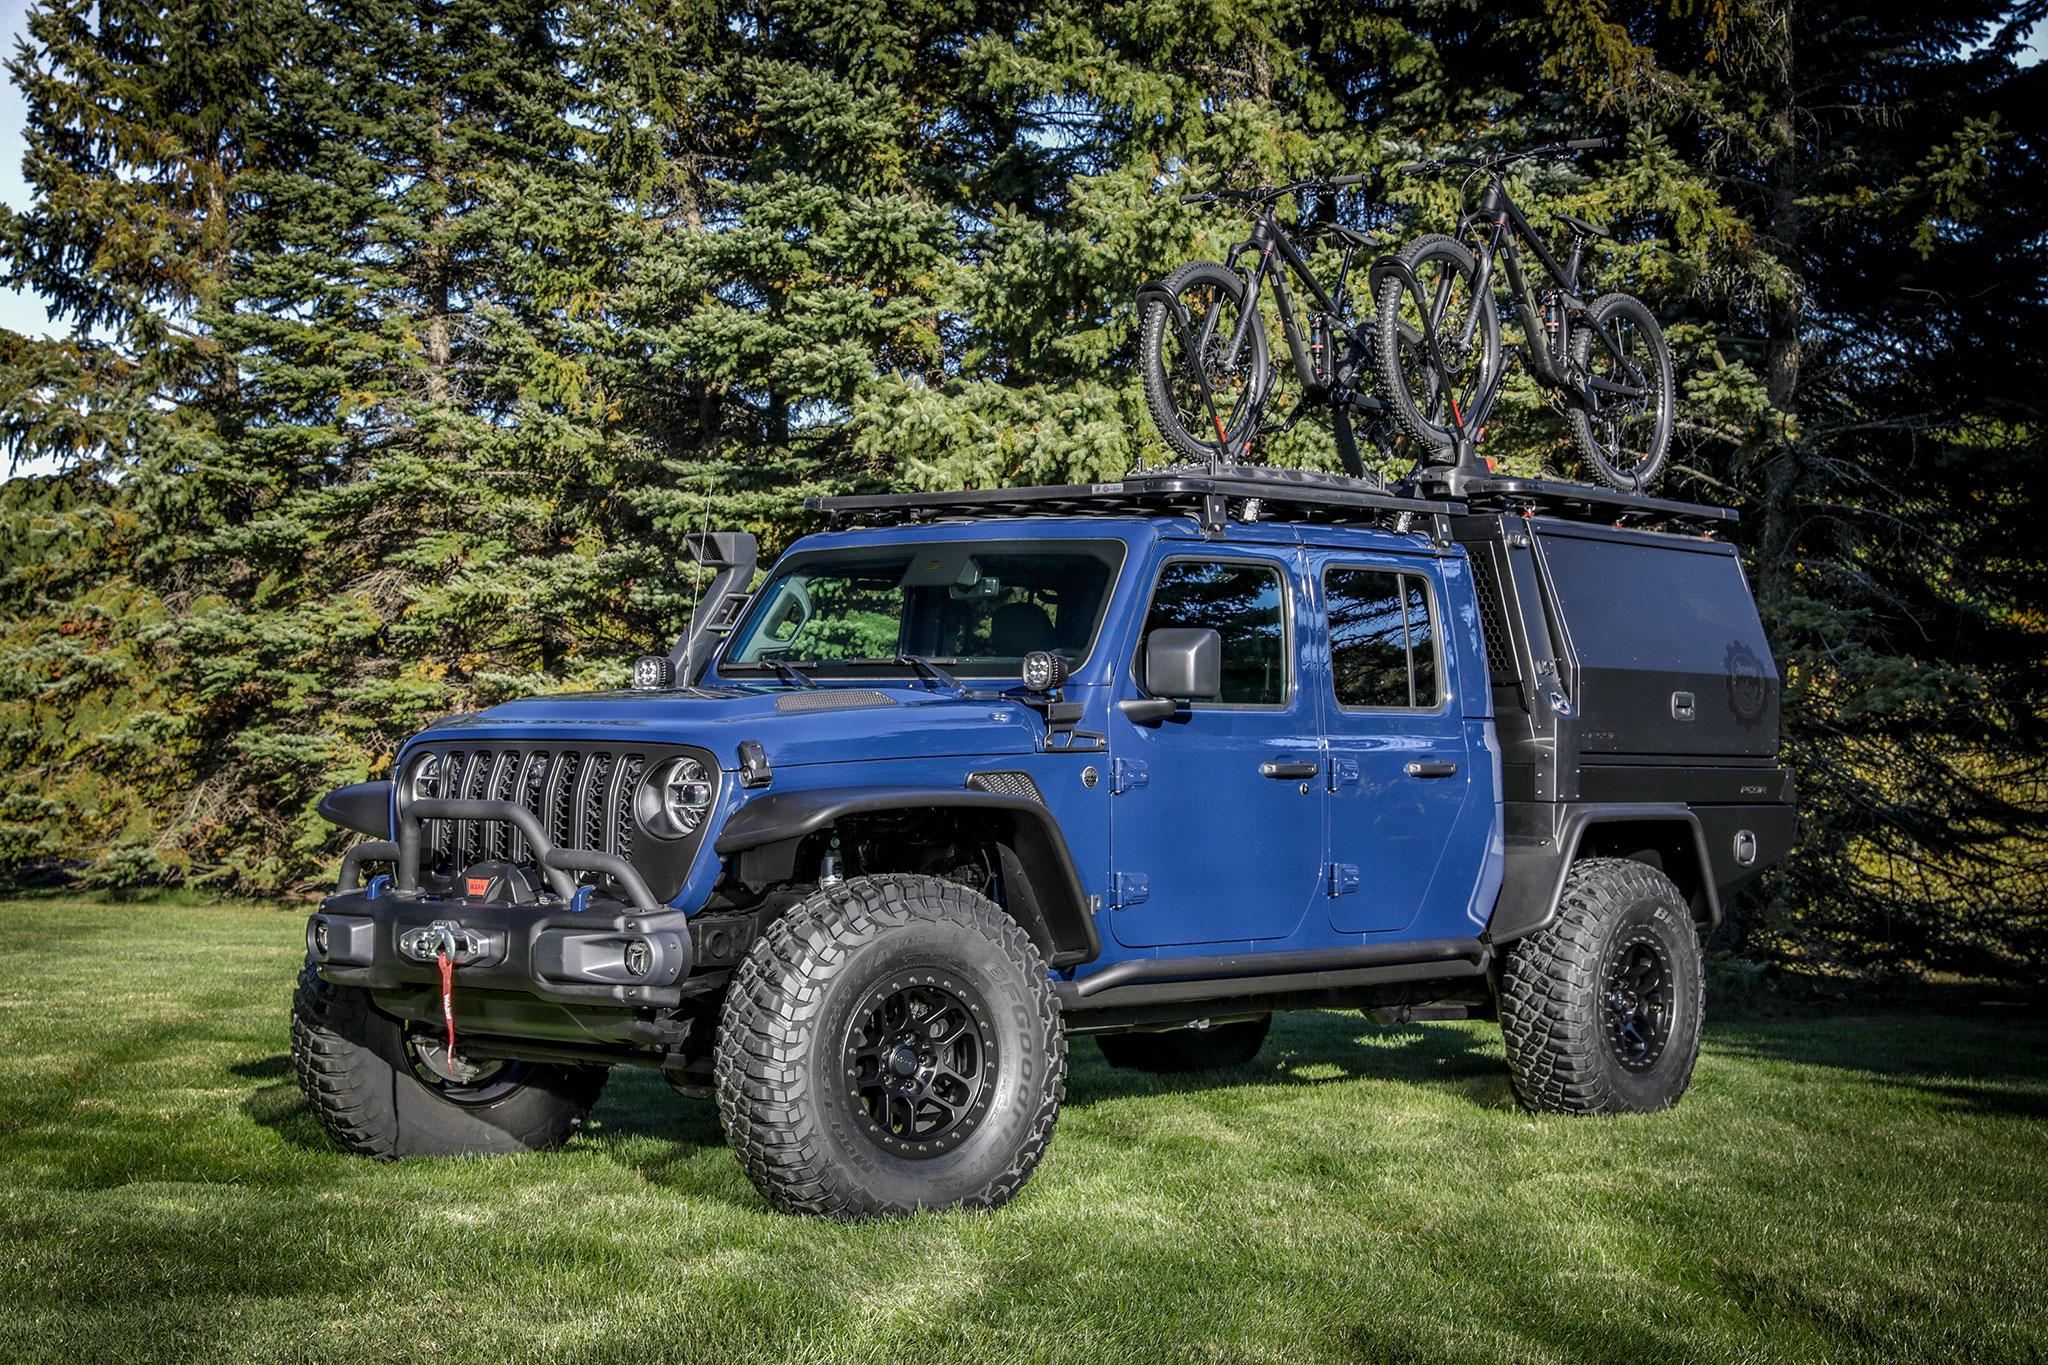 2020 Jeep Gladiator Top Dog trois quarts avant gauche - Jeep et Moab 2020.